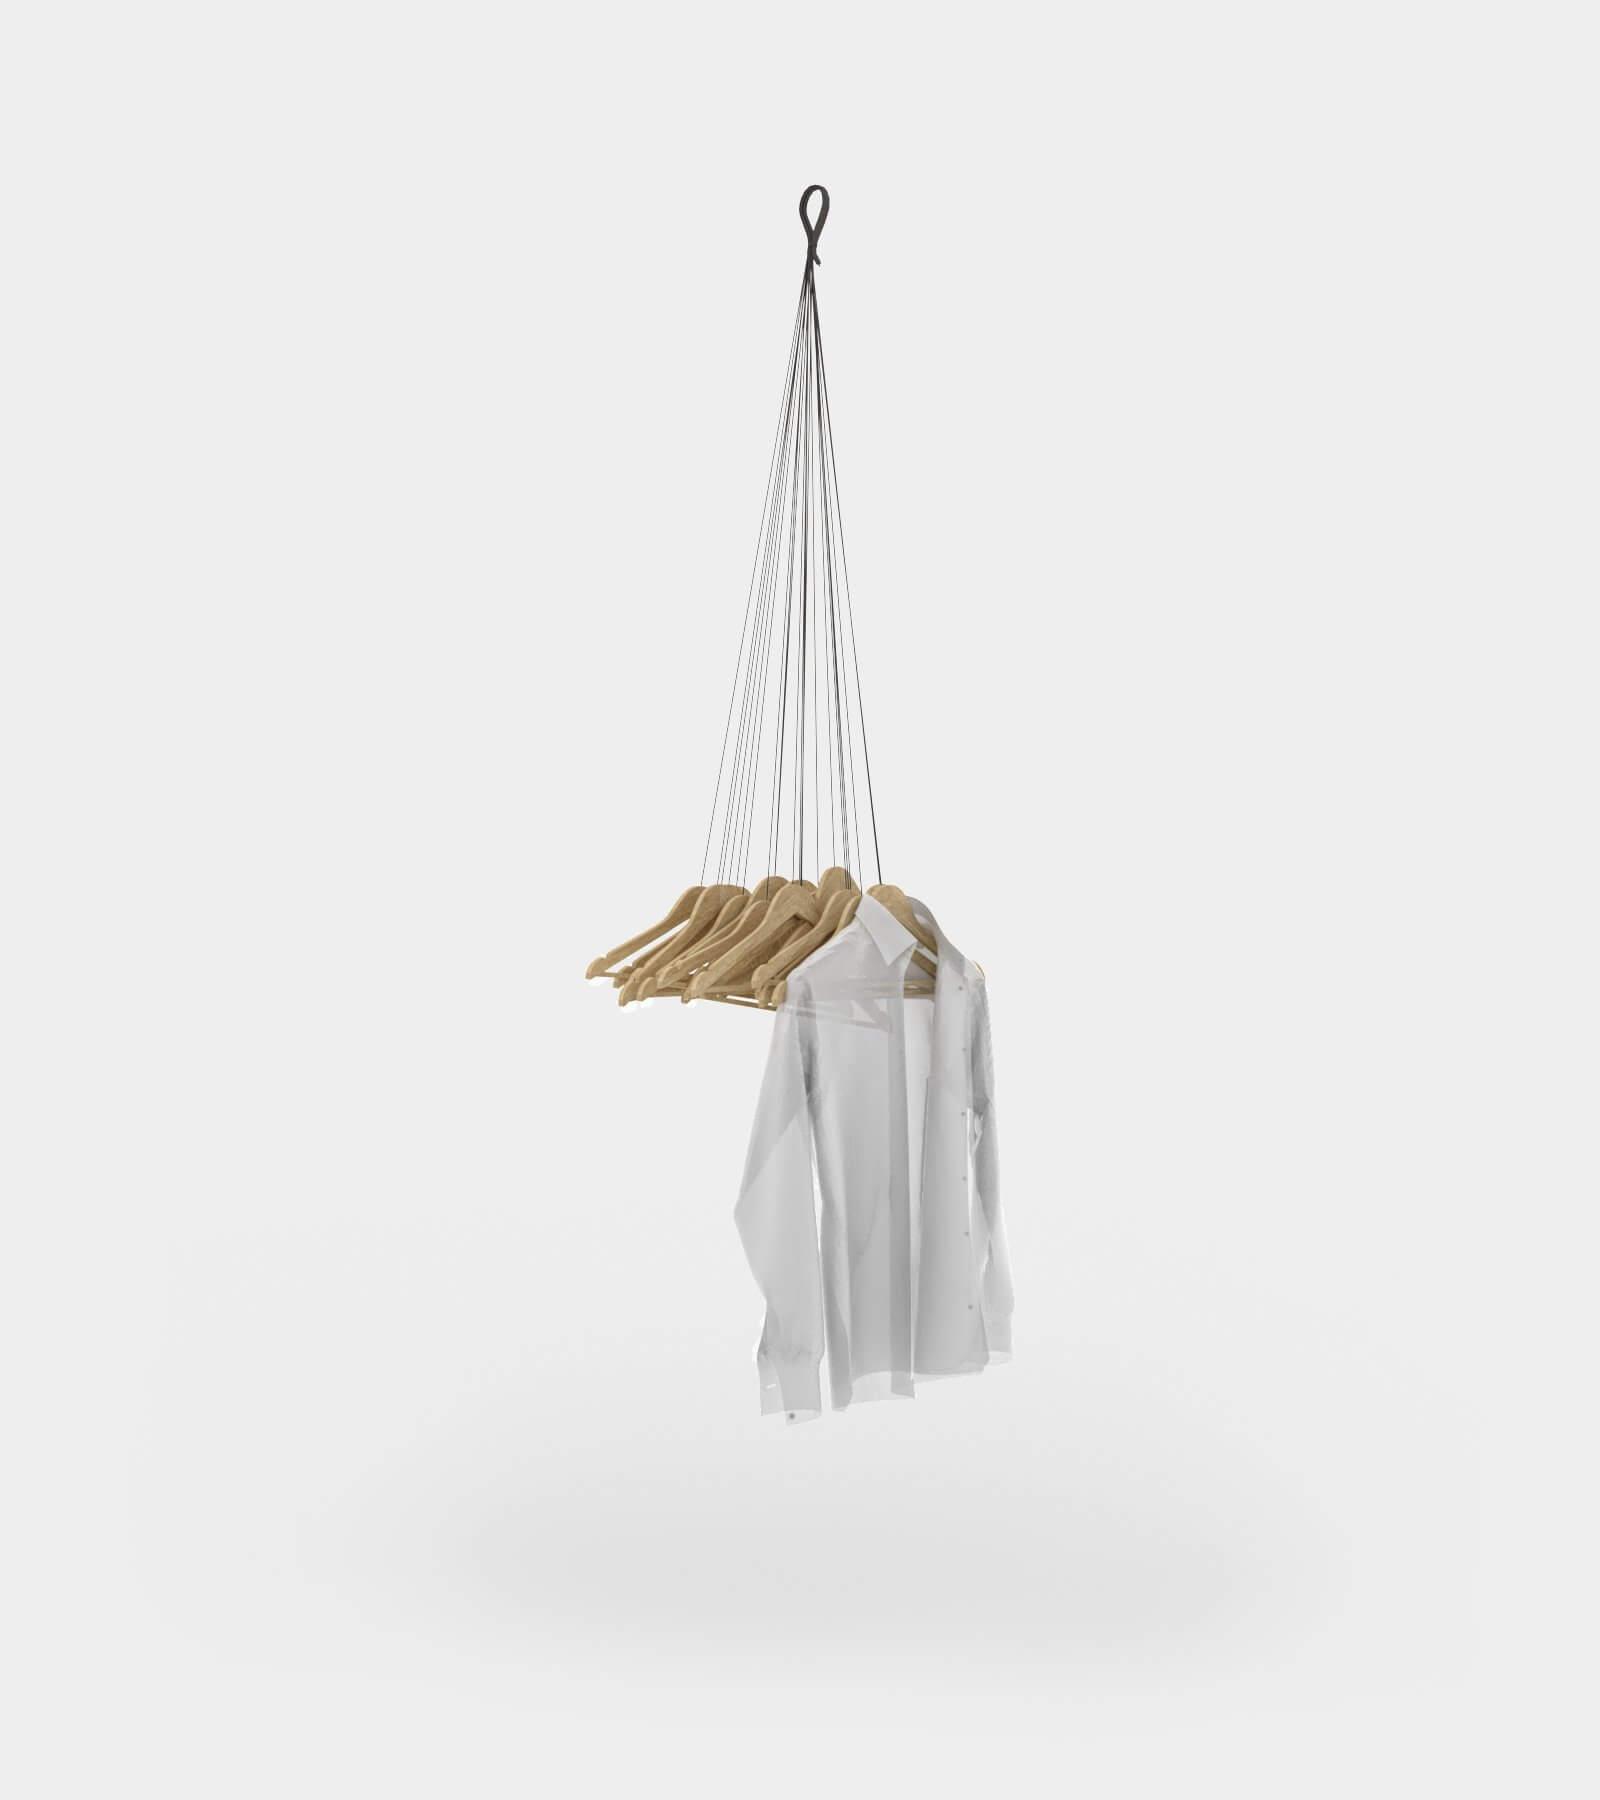 Hanging coat rack with hangers 2 - 3D Model